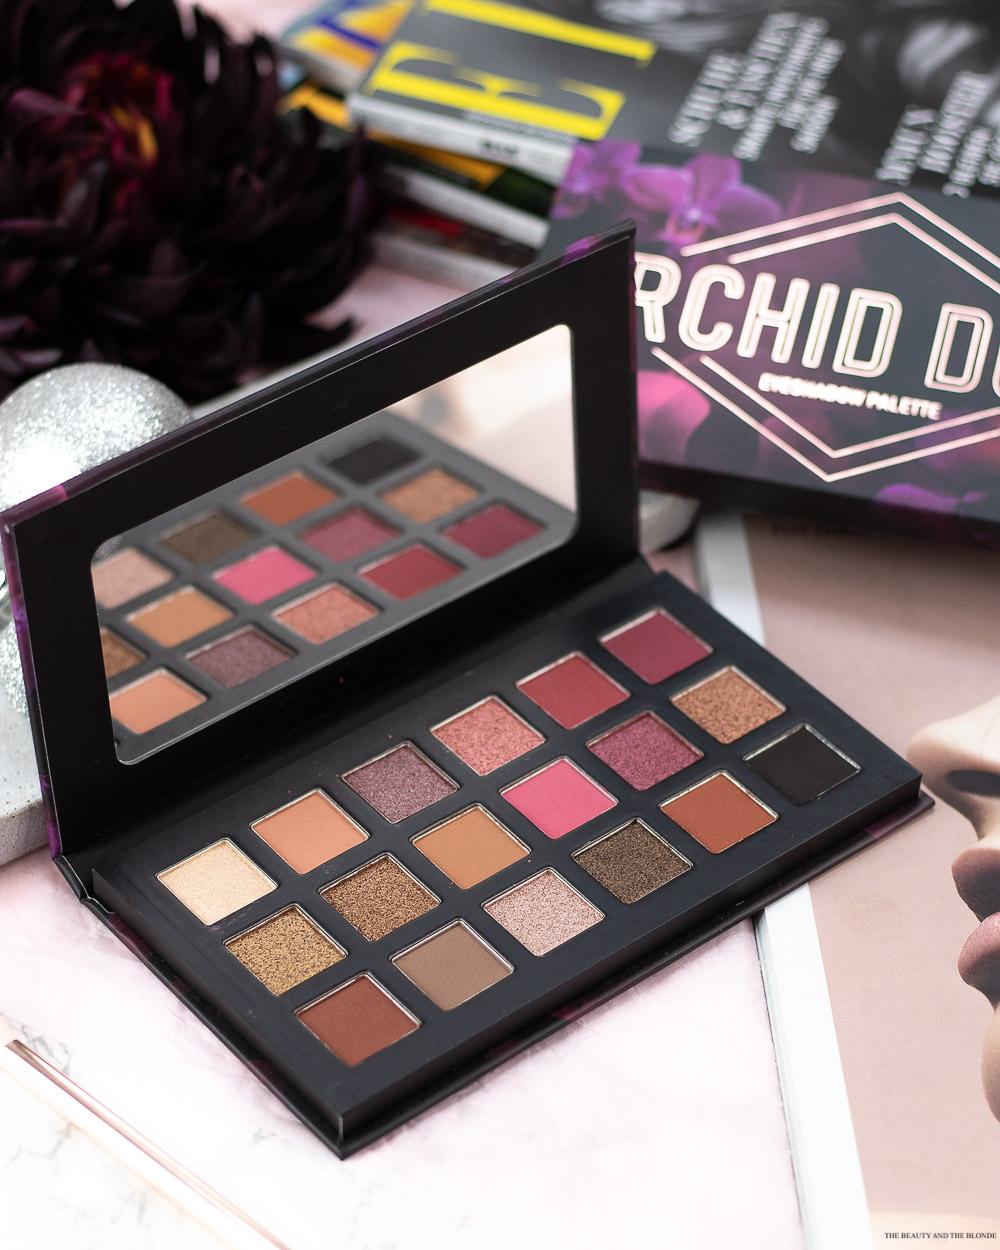 Catriche Orchid Dusk Palette Review